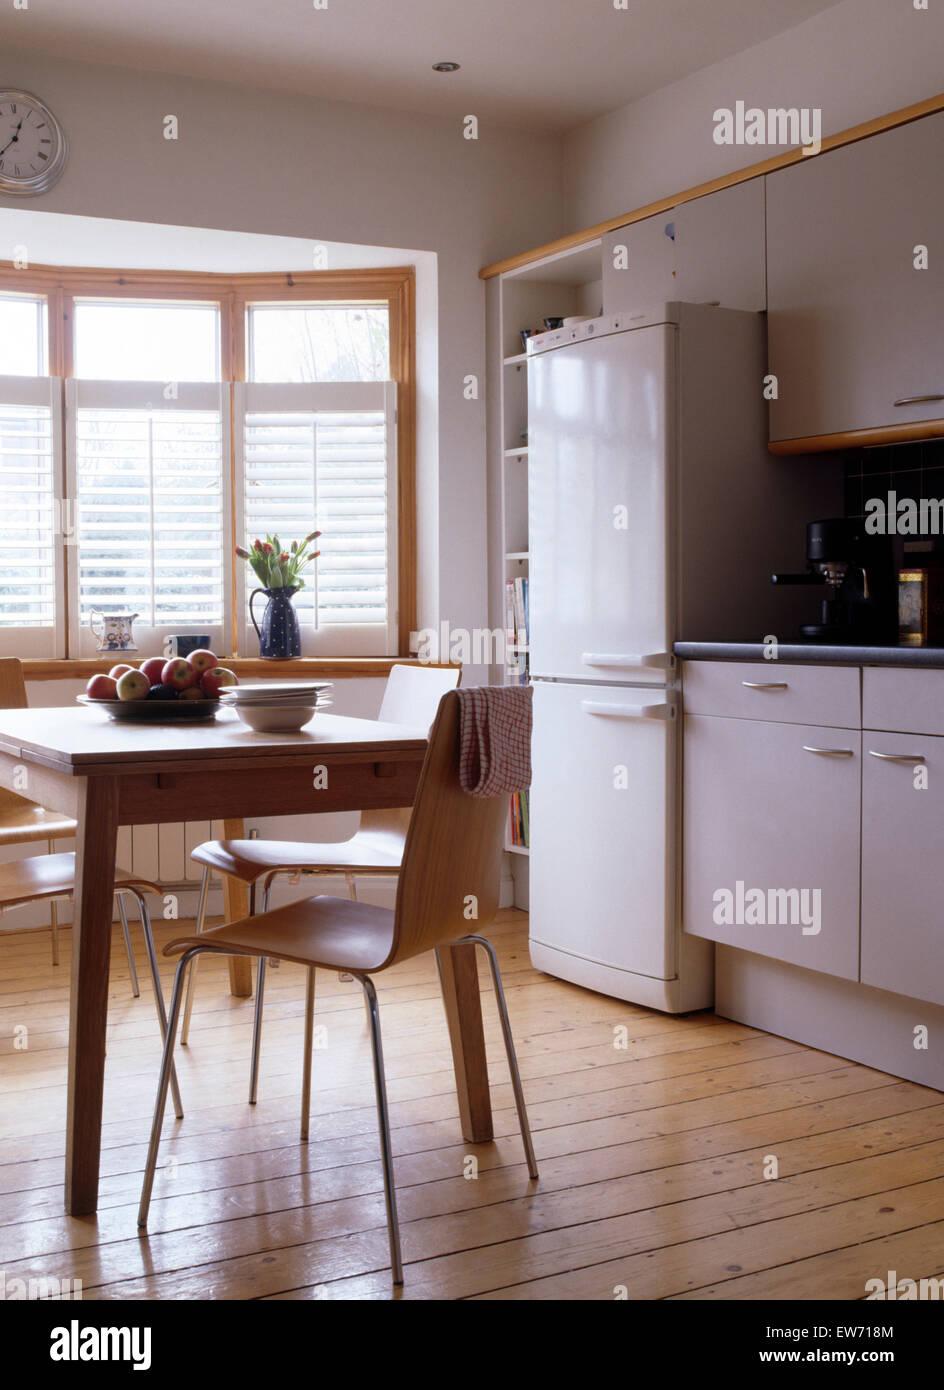 Tavolo Cucina Bianco Legno.Il Legno Compensato Di Sedie E Tavolo In Legno Nella Moderna